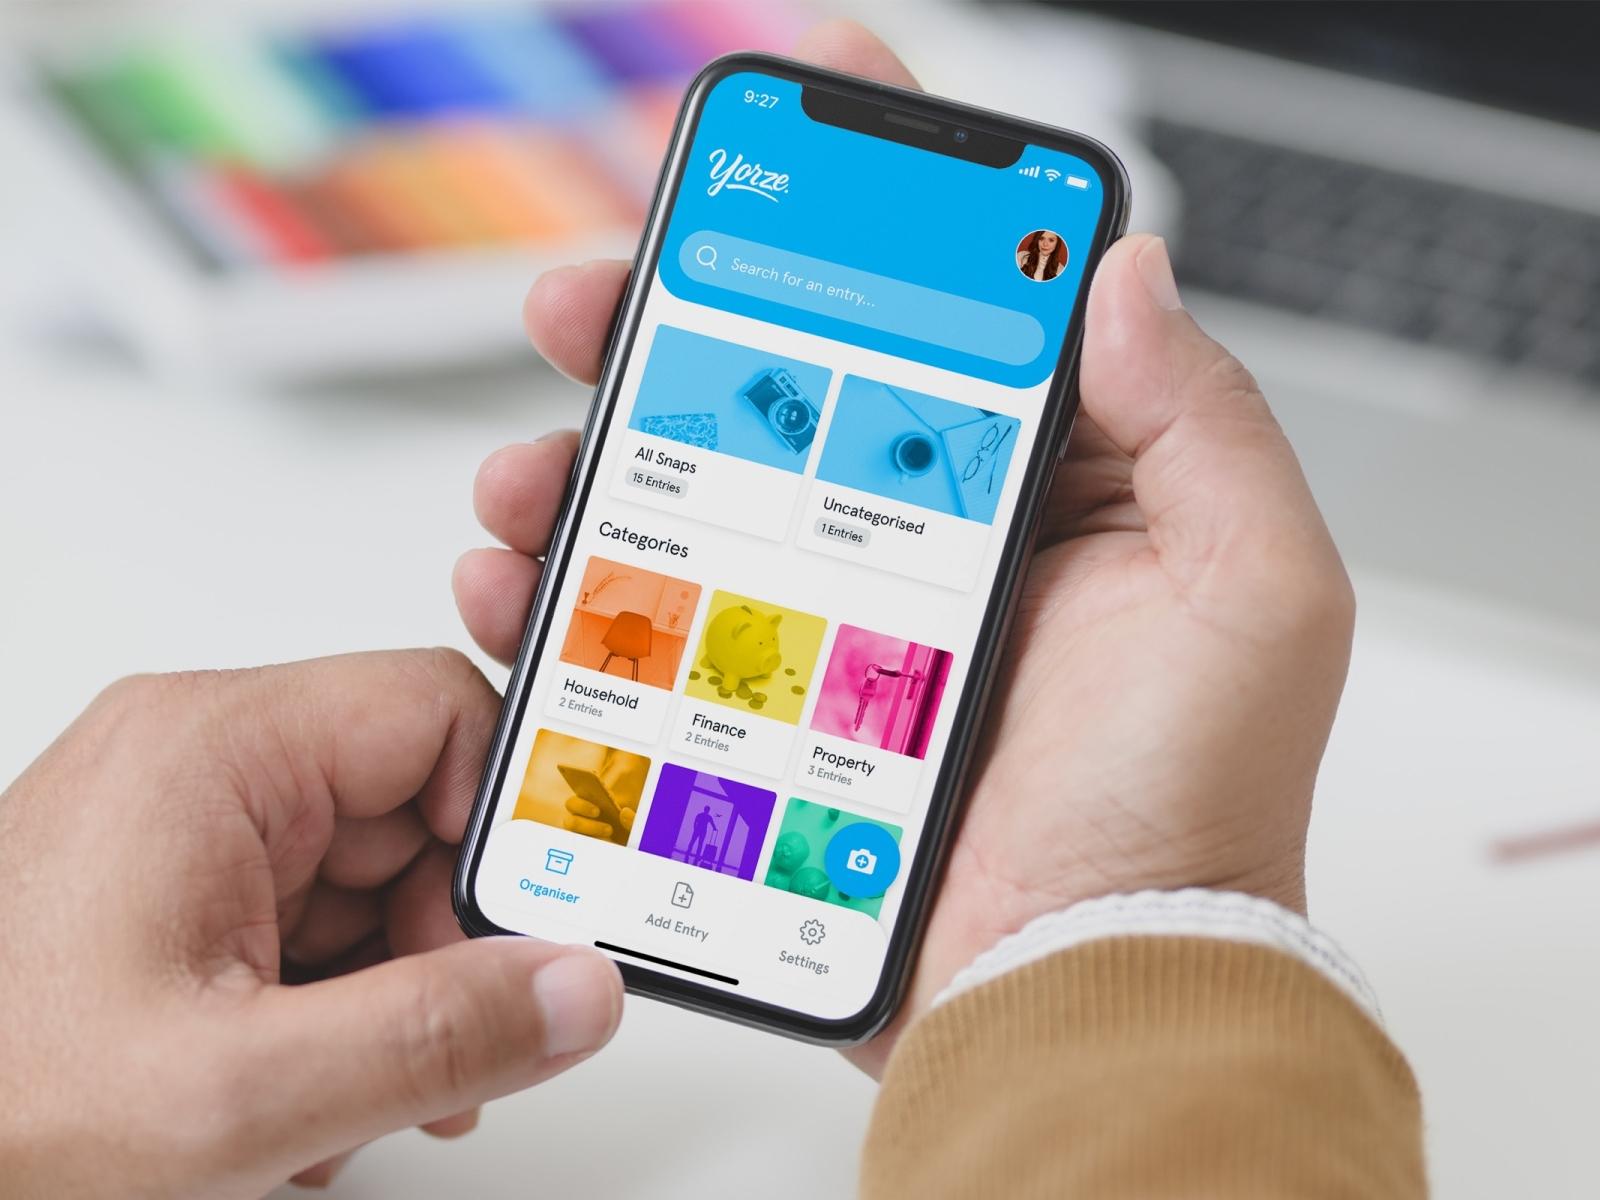 Filing App Home Screen